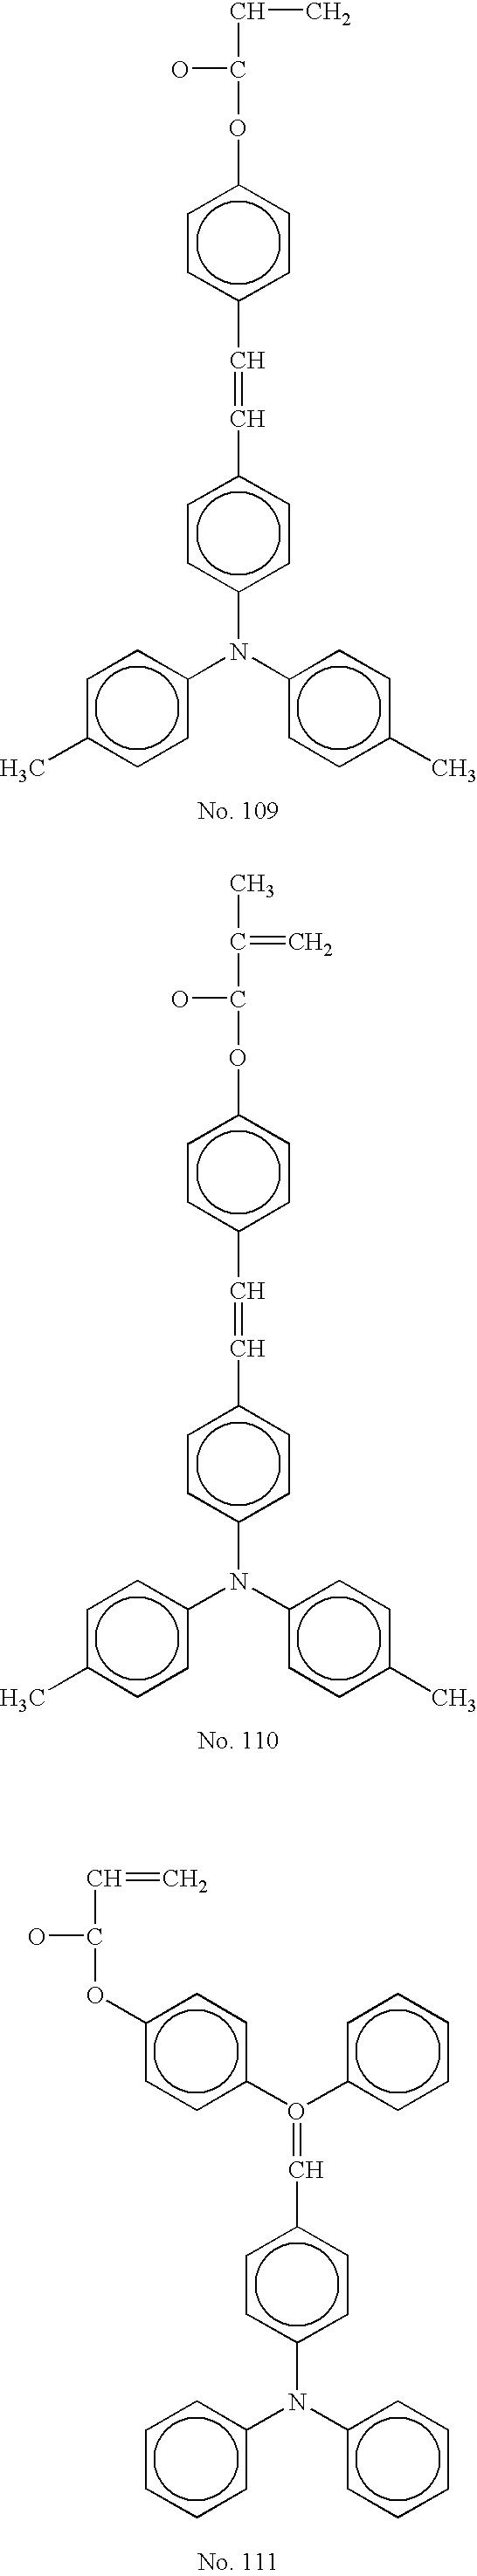 Figure US20070196749A1-20070823-C00039